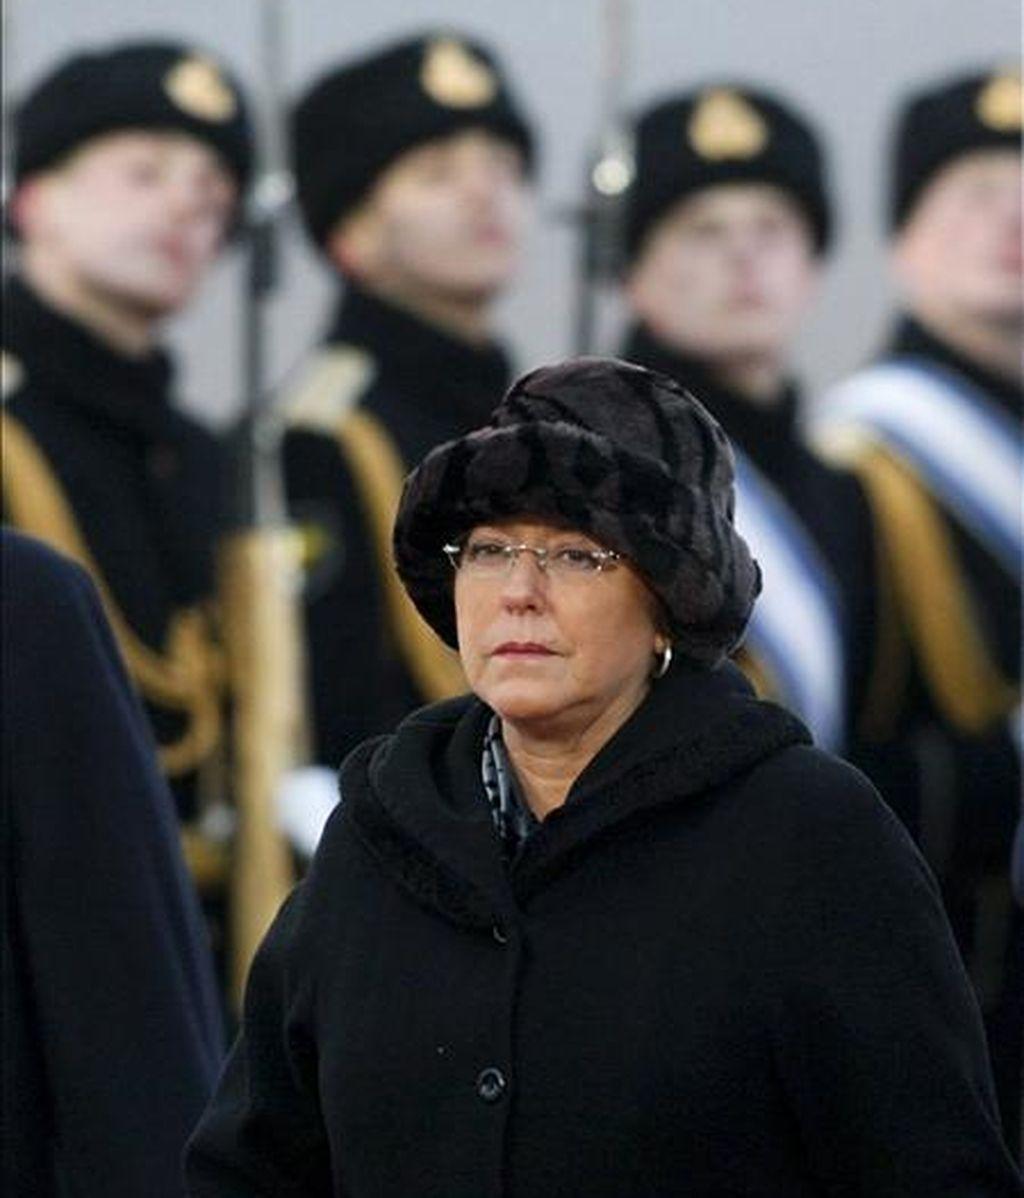 La presidenta de Chile, Michelle Bachelet, pasa revista a la guardia de honor a su llegada al aeropuerto de Vnukovo en Moscú (Rusia), ayer 2 de abril. EFE